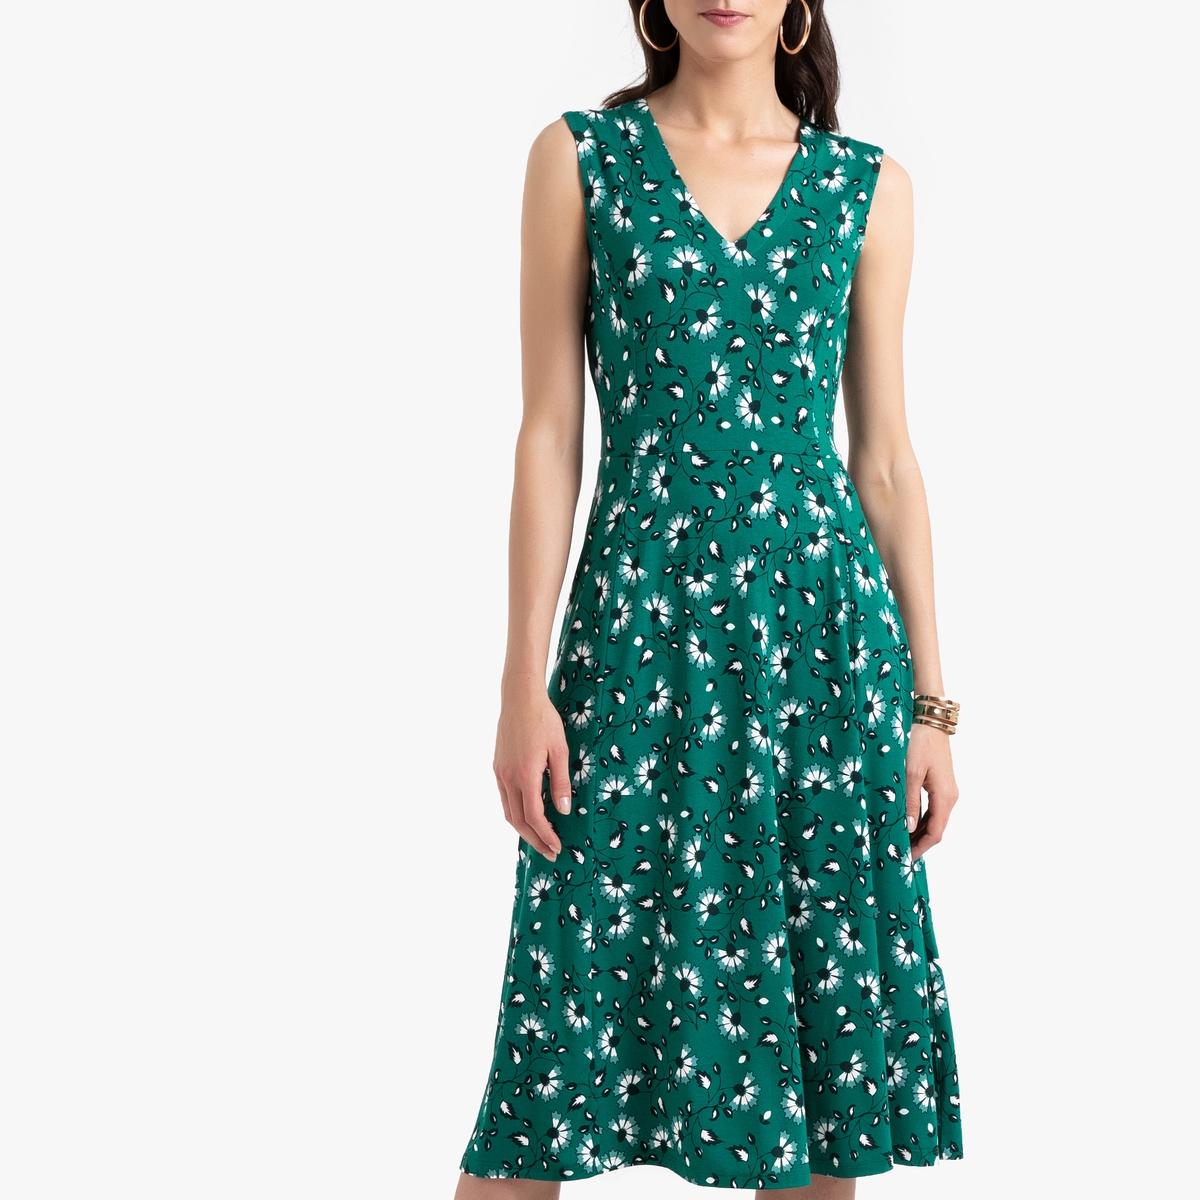 Платье La Redoute Расклешенное с цветочным принтом длина миди 52 (FR) - 58 (RUS) зеленый платье миди la redoute с запахом с цветочным принтом 54 fr 60 rus другие